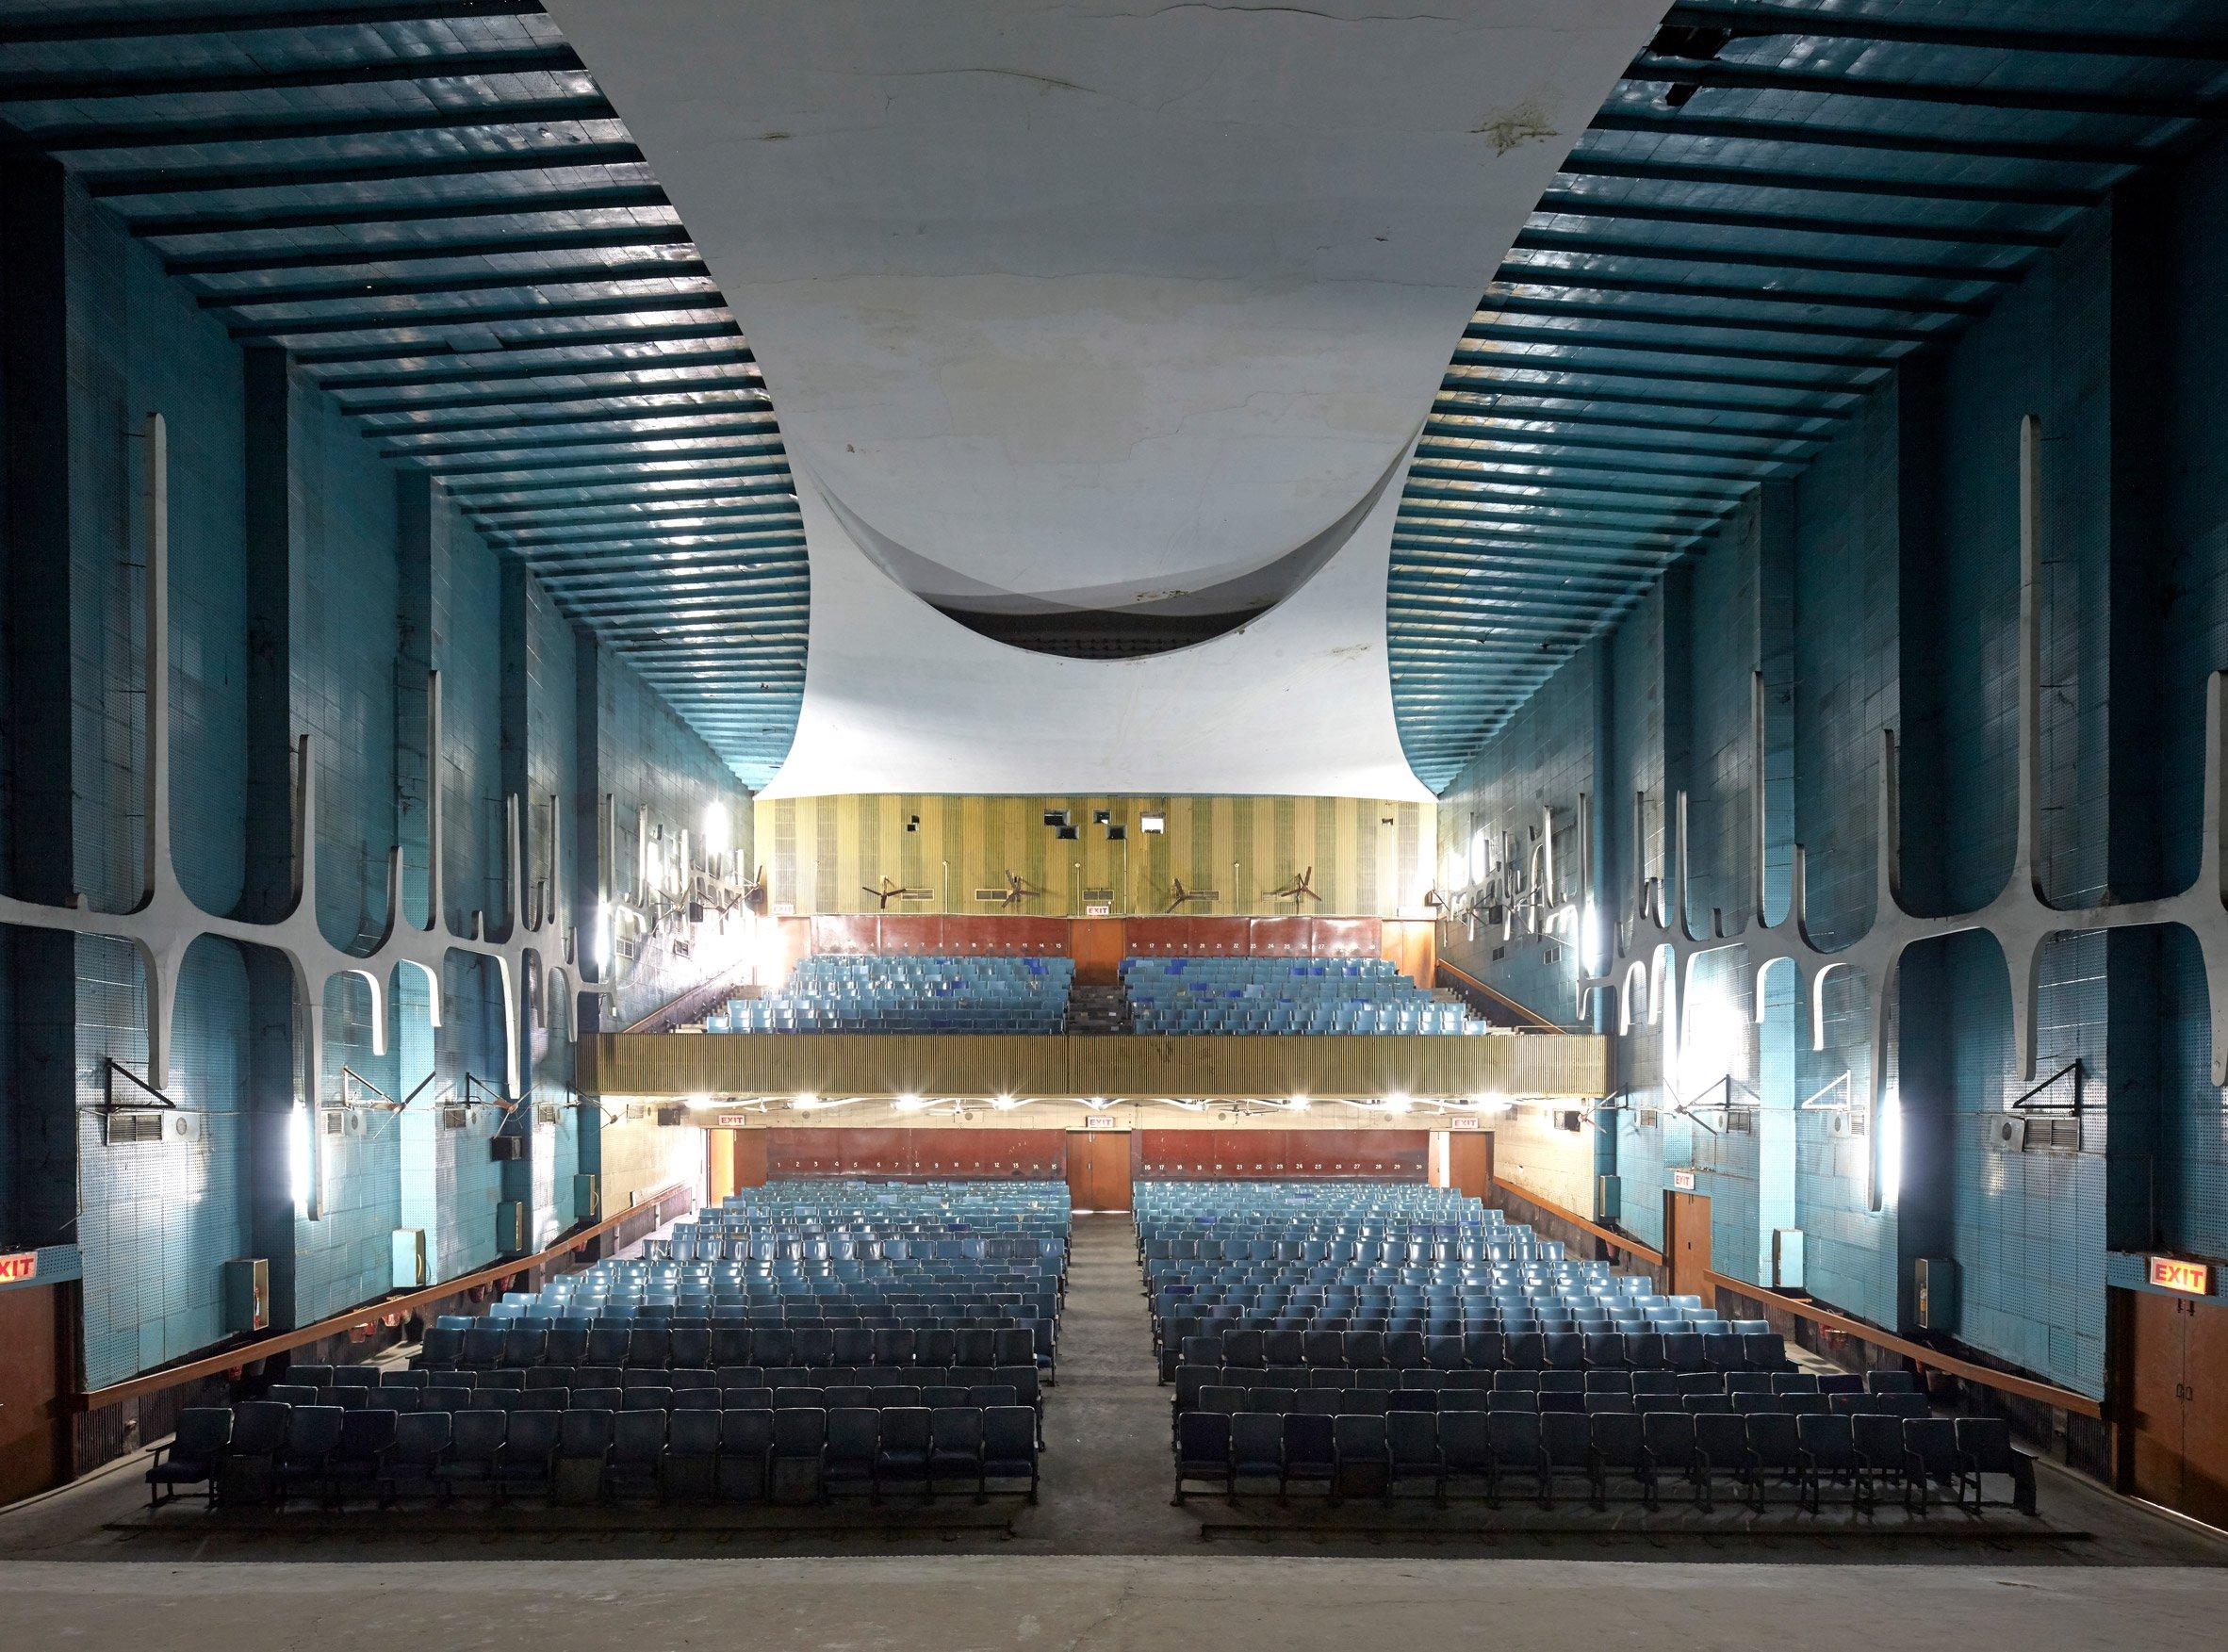 neelam-theatre-aditya-prakash-architecture-photography-edmund-sumner-chandigarh-india-_dezeen_2364_col_12.jpg